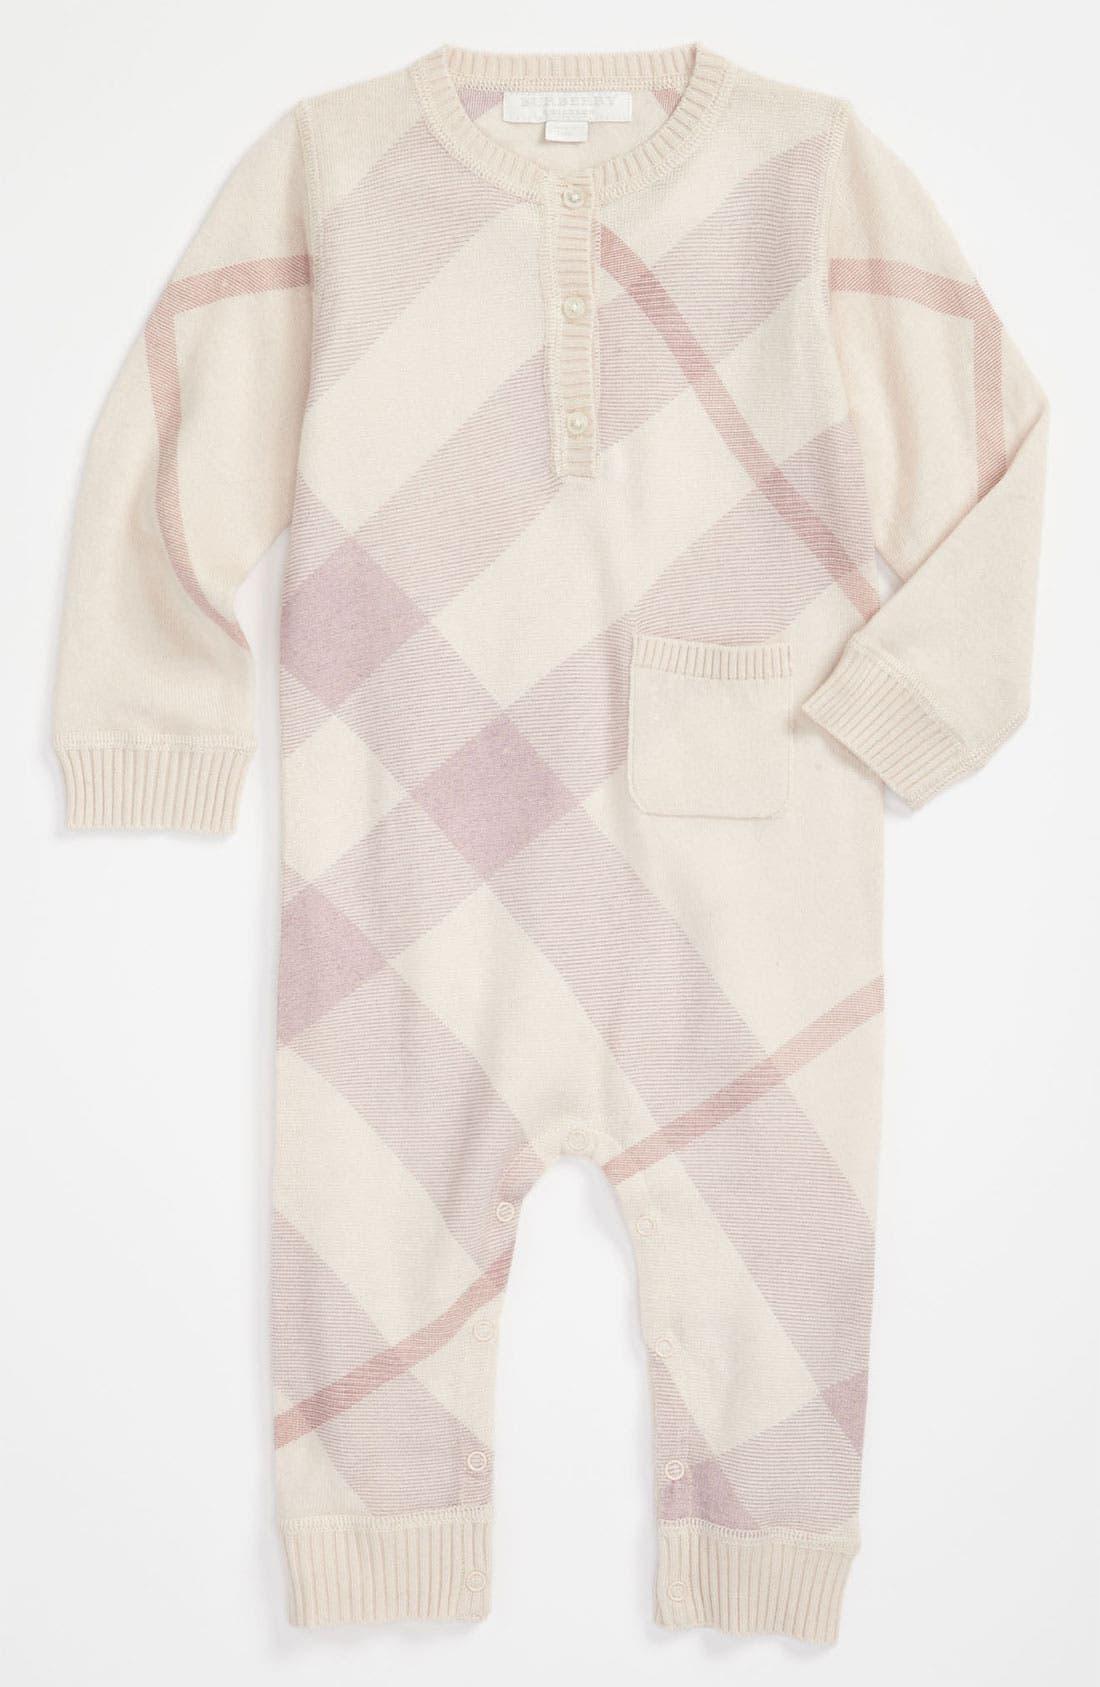 Main Image - Burberry Check Print Cashmere & Cotton Bodysuit (Infant)